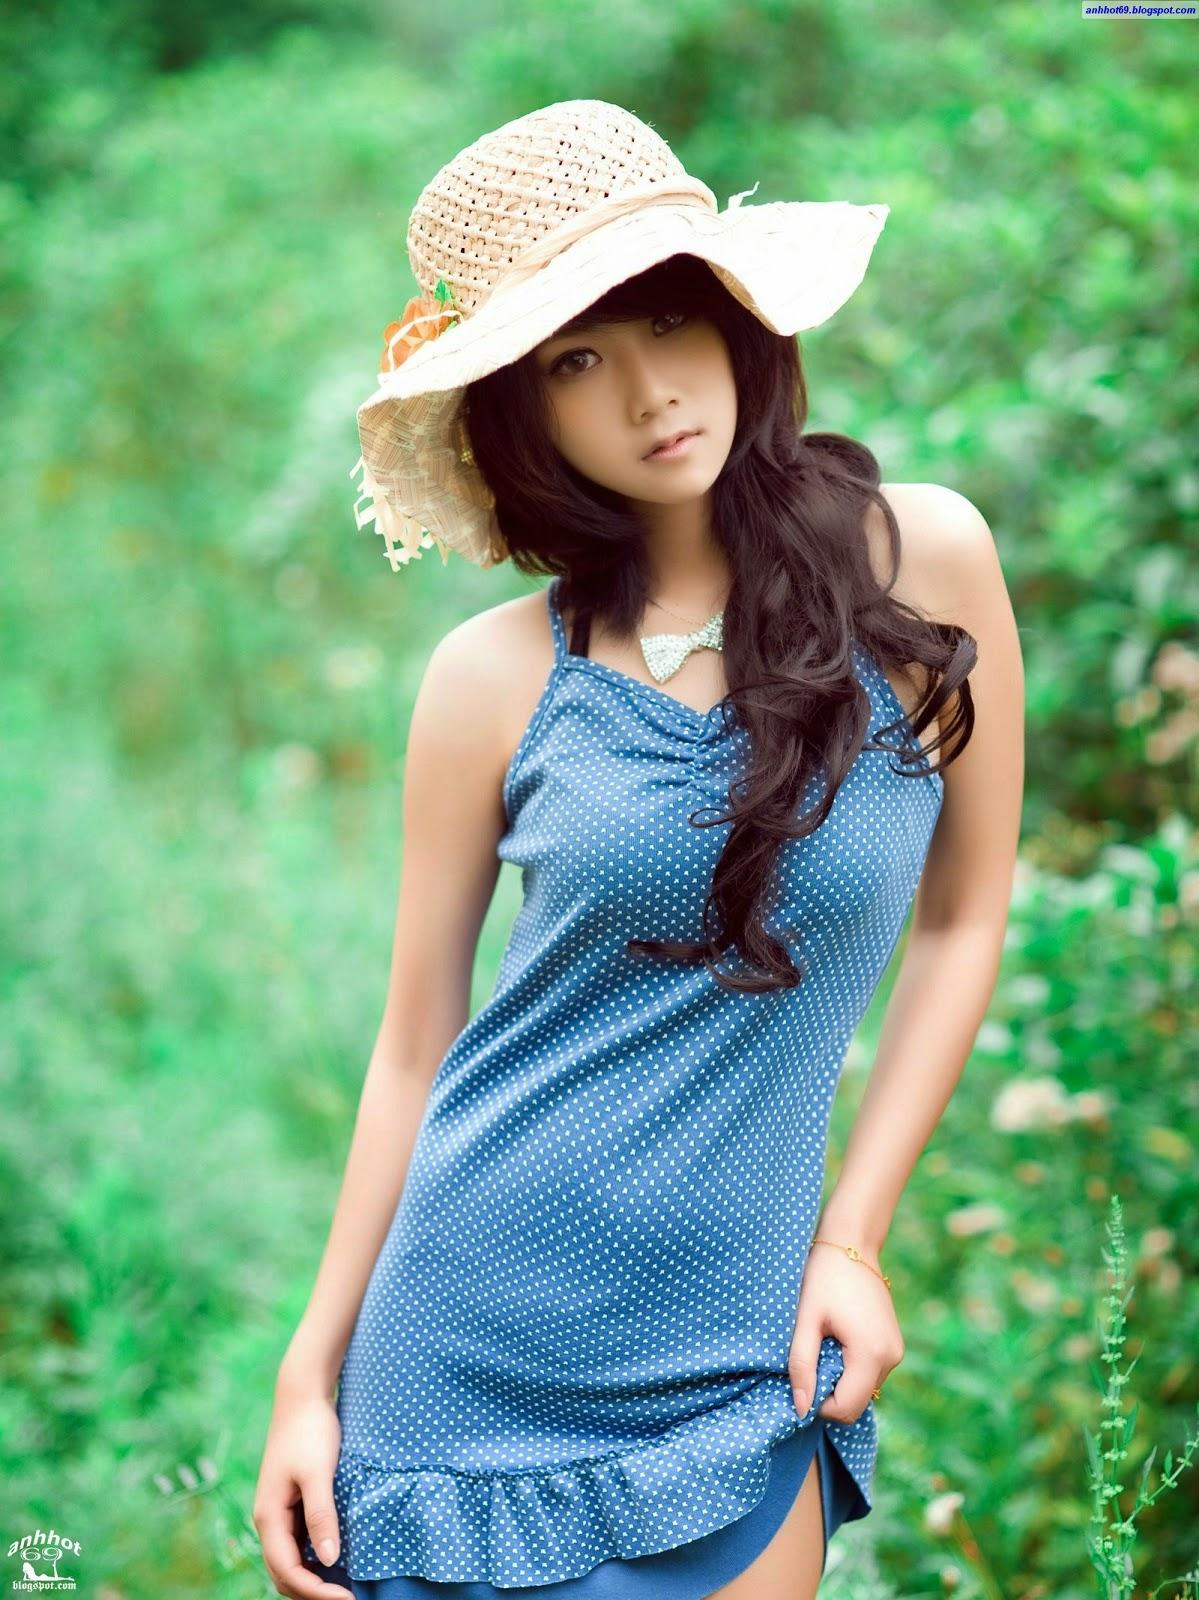 Vivi_Xia_Xiaowei_5247515_201307102028210601